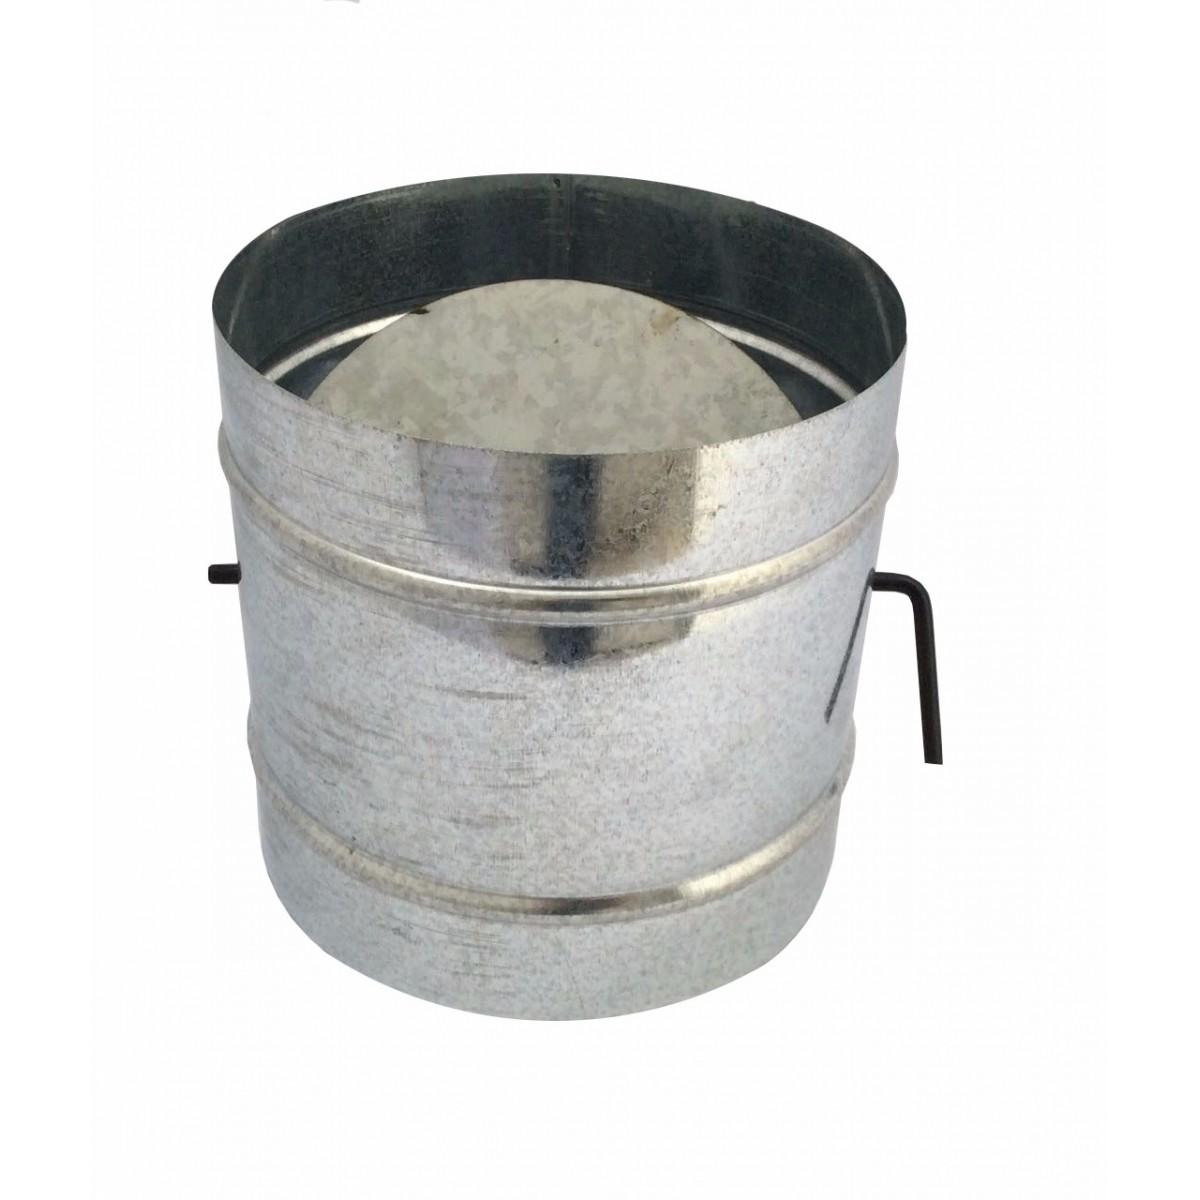 Registro / dumper galvanizado para chaminé de 200 mm de diâmetro  - Galvocalhas